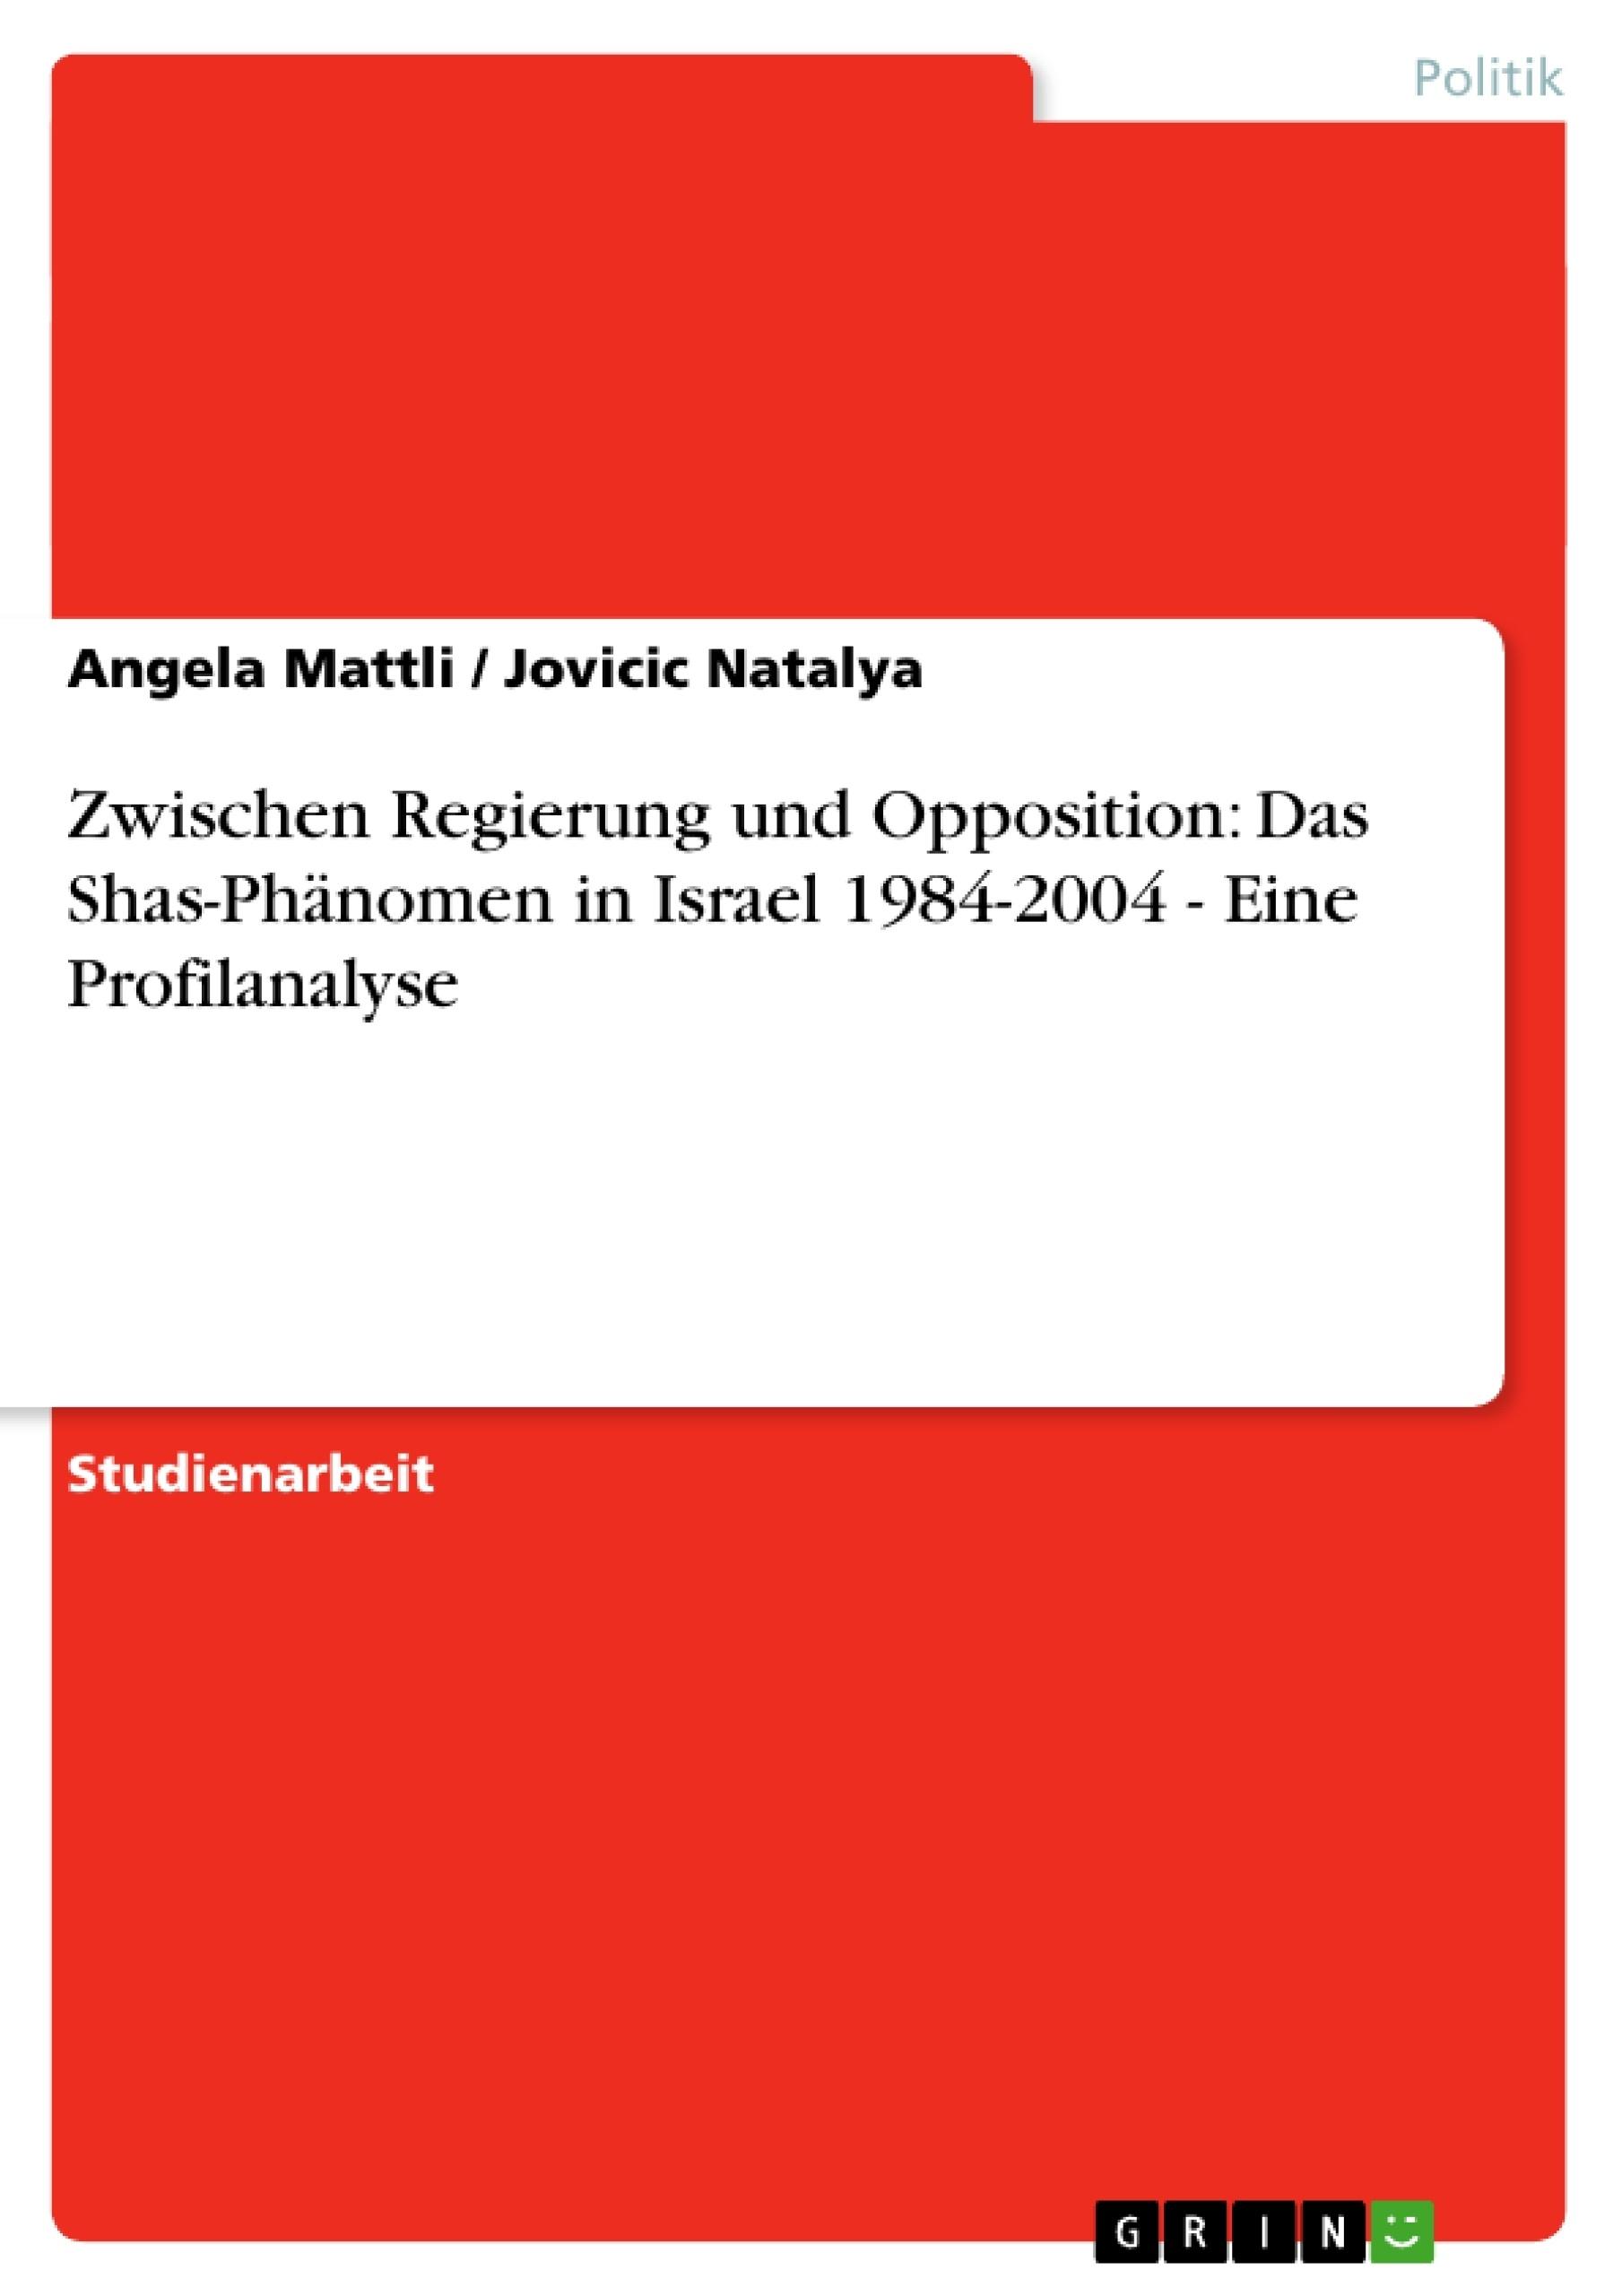 Titel: Zwischen Regierung und Opposition: Das Shas-Phänomen in Israel 1984-2004 -  Eine Profilanalyse